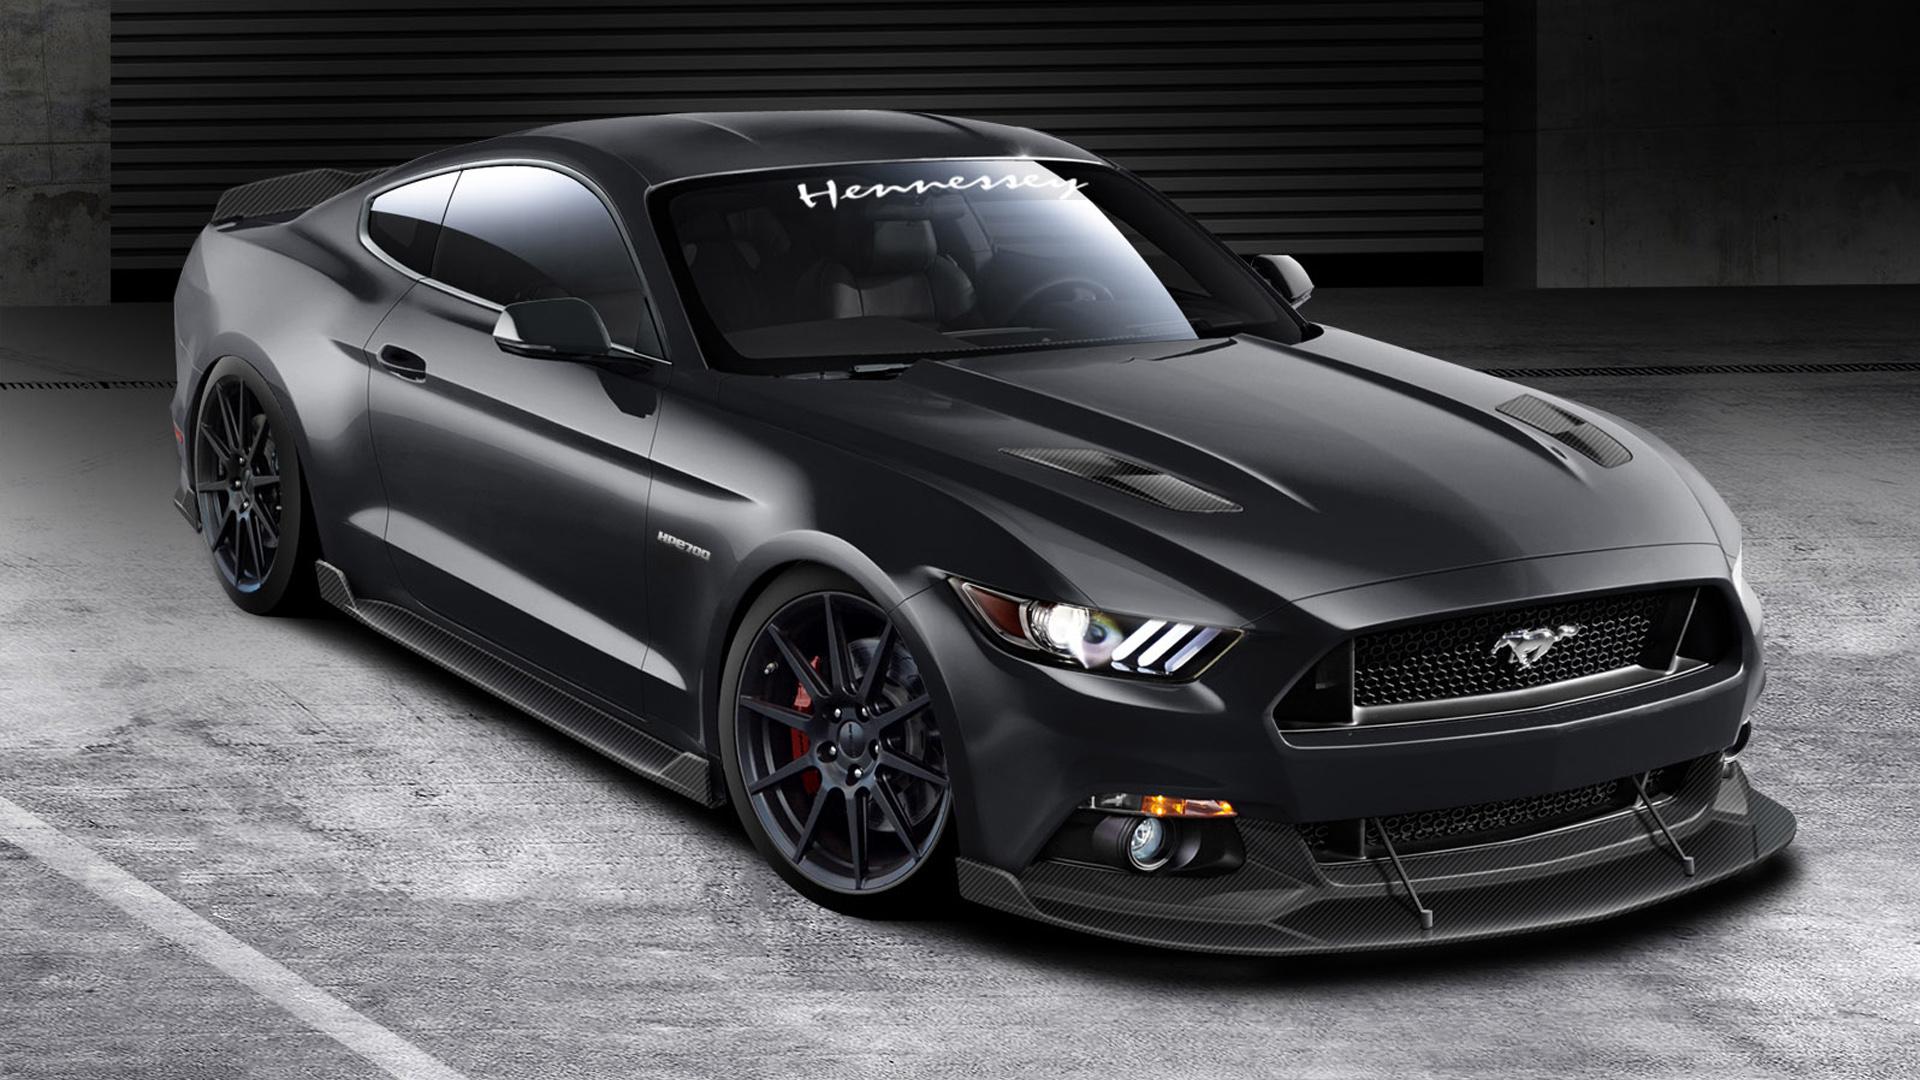 Ford Mustang Hd Wallpapers Wallpapersafari